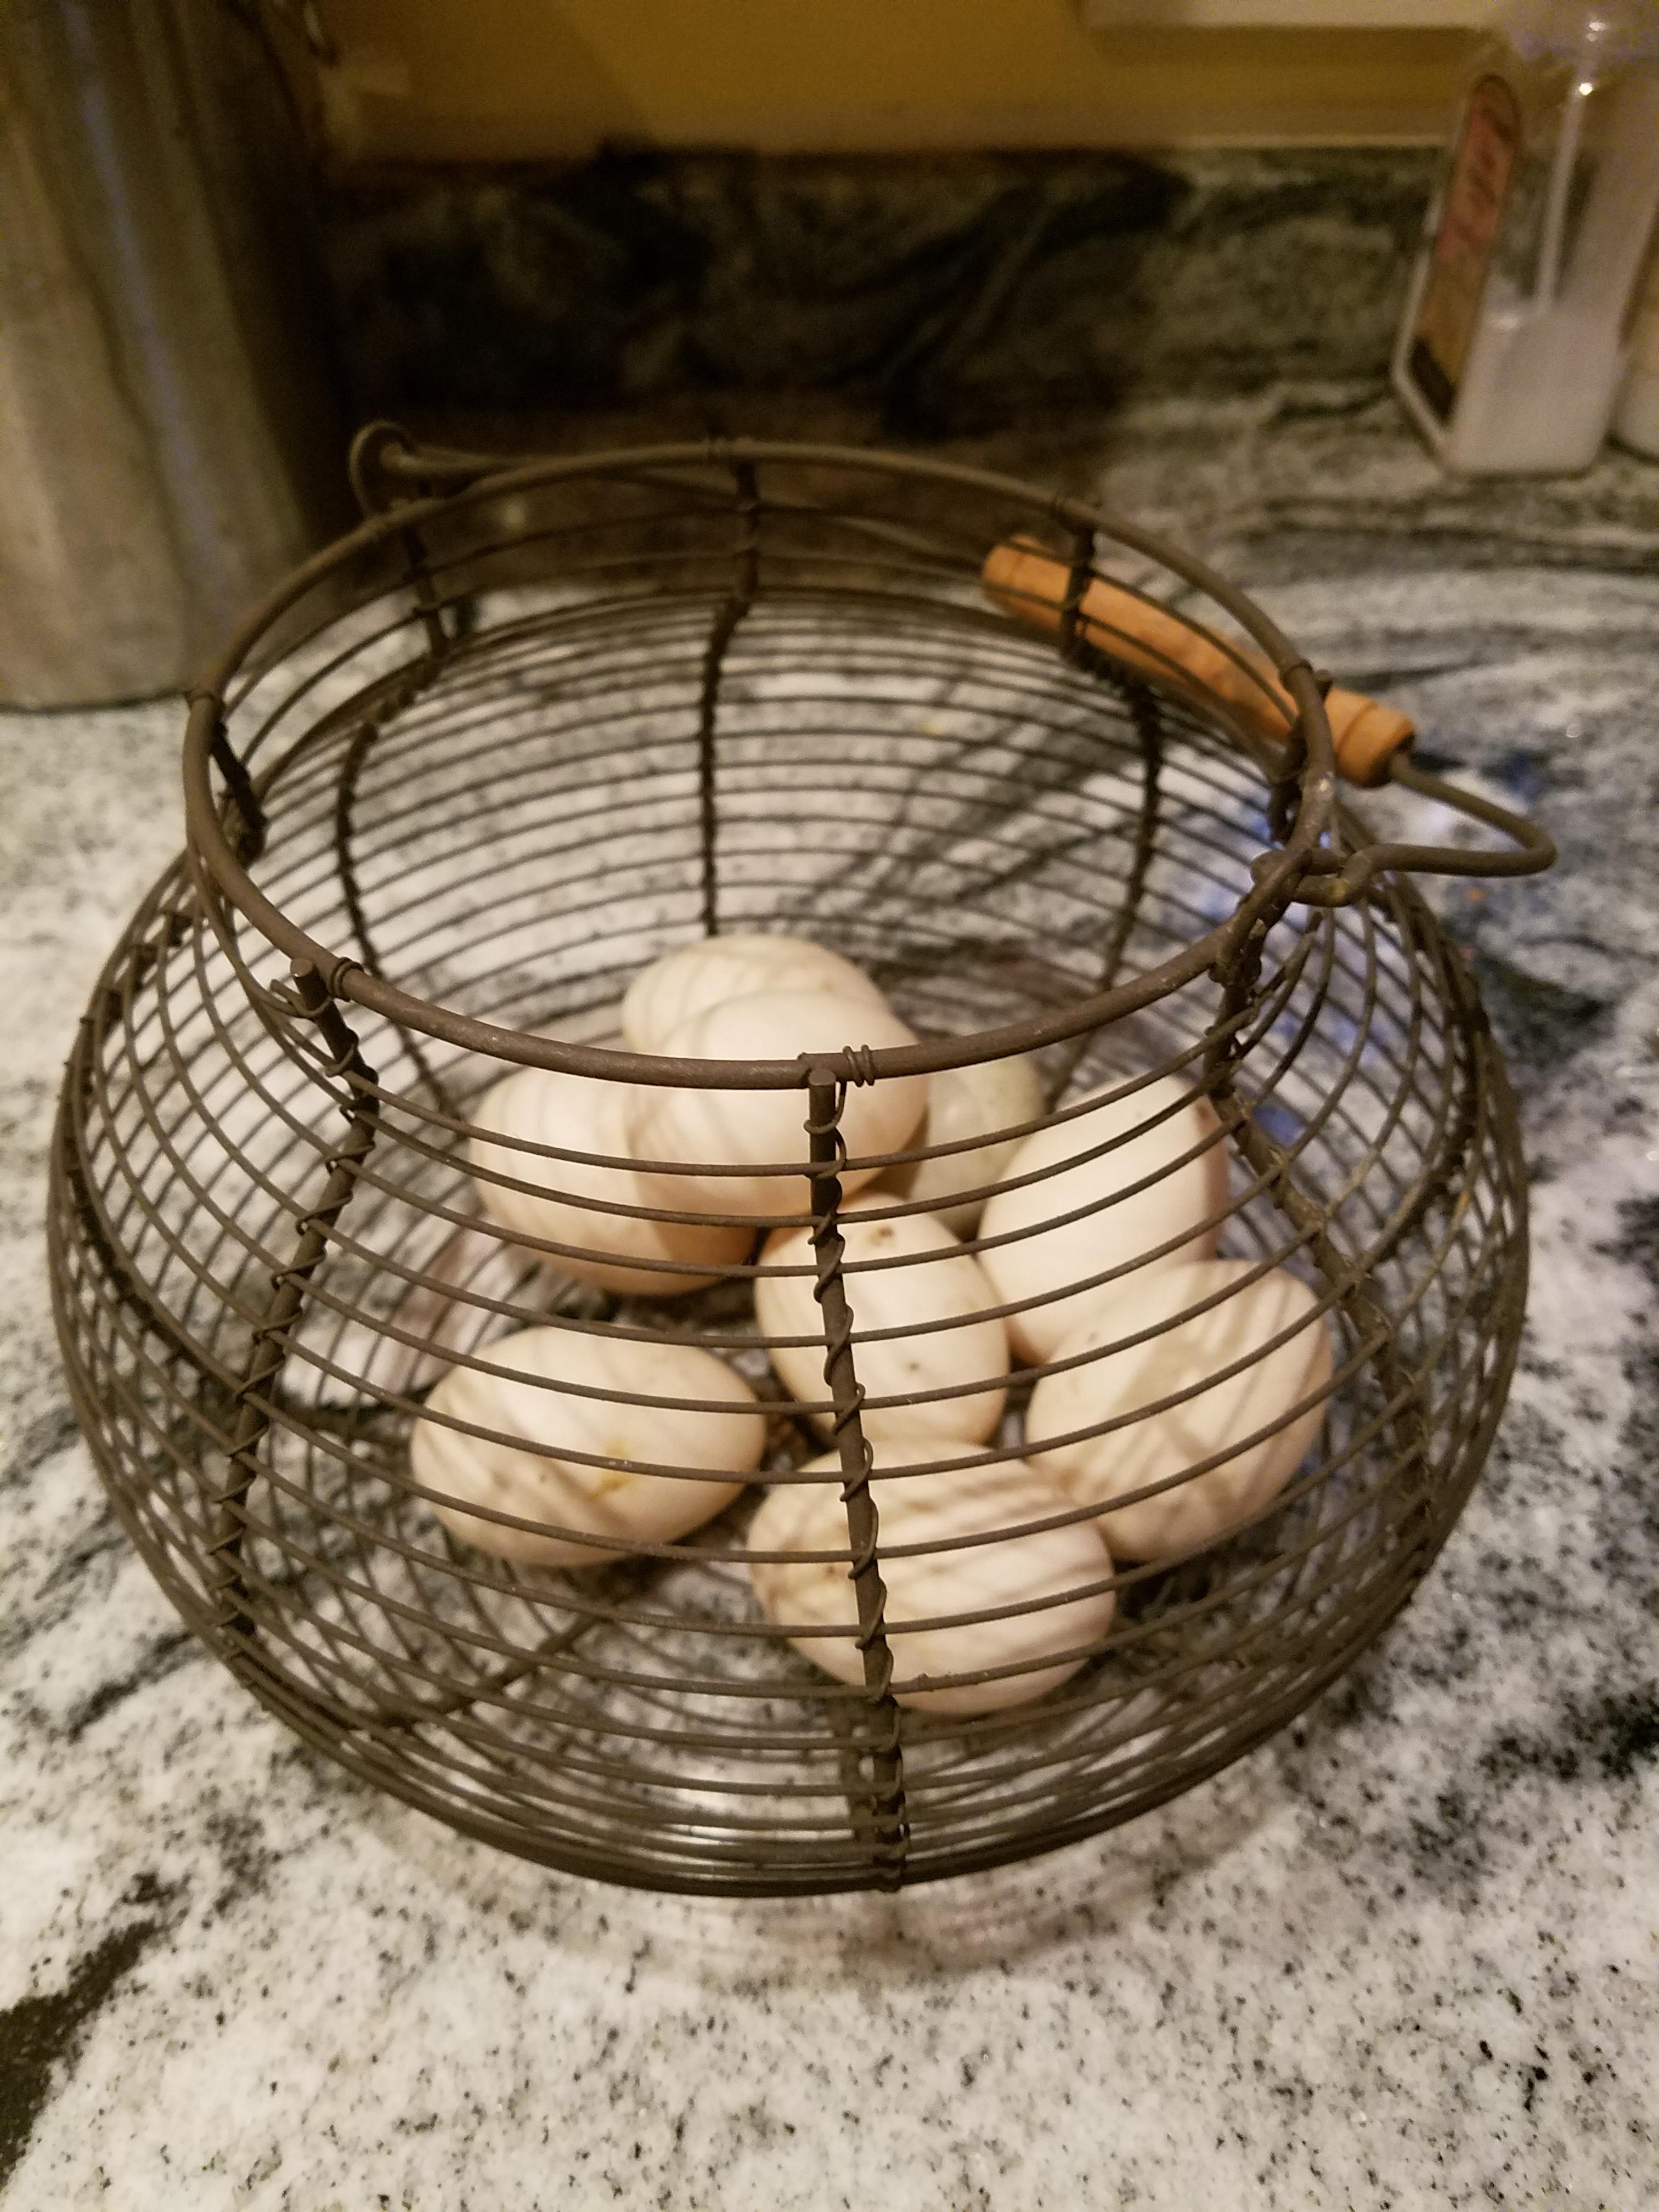 Duckle Eggs January 2019.jpg